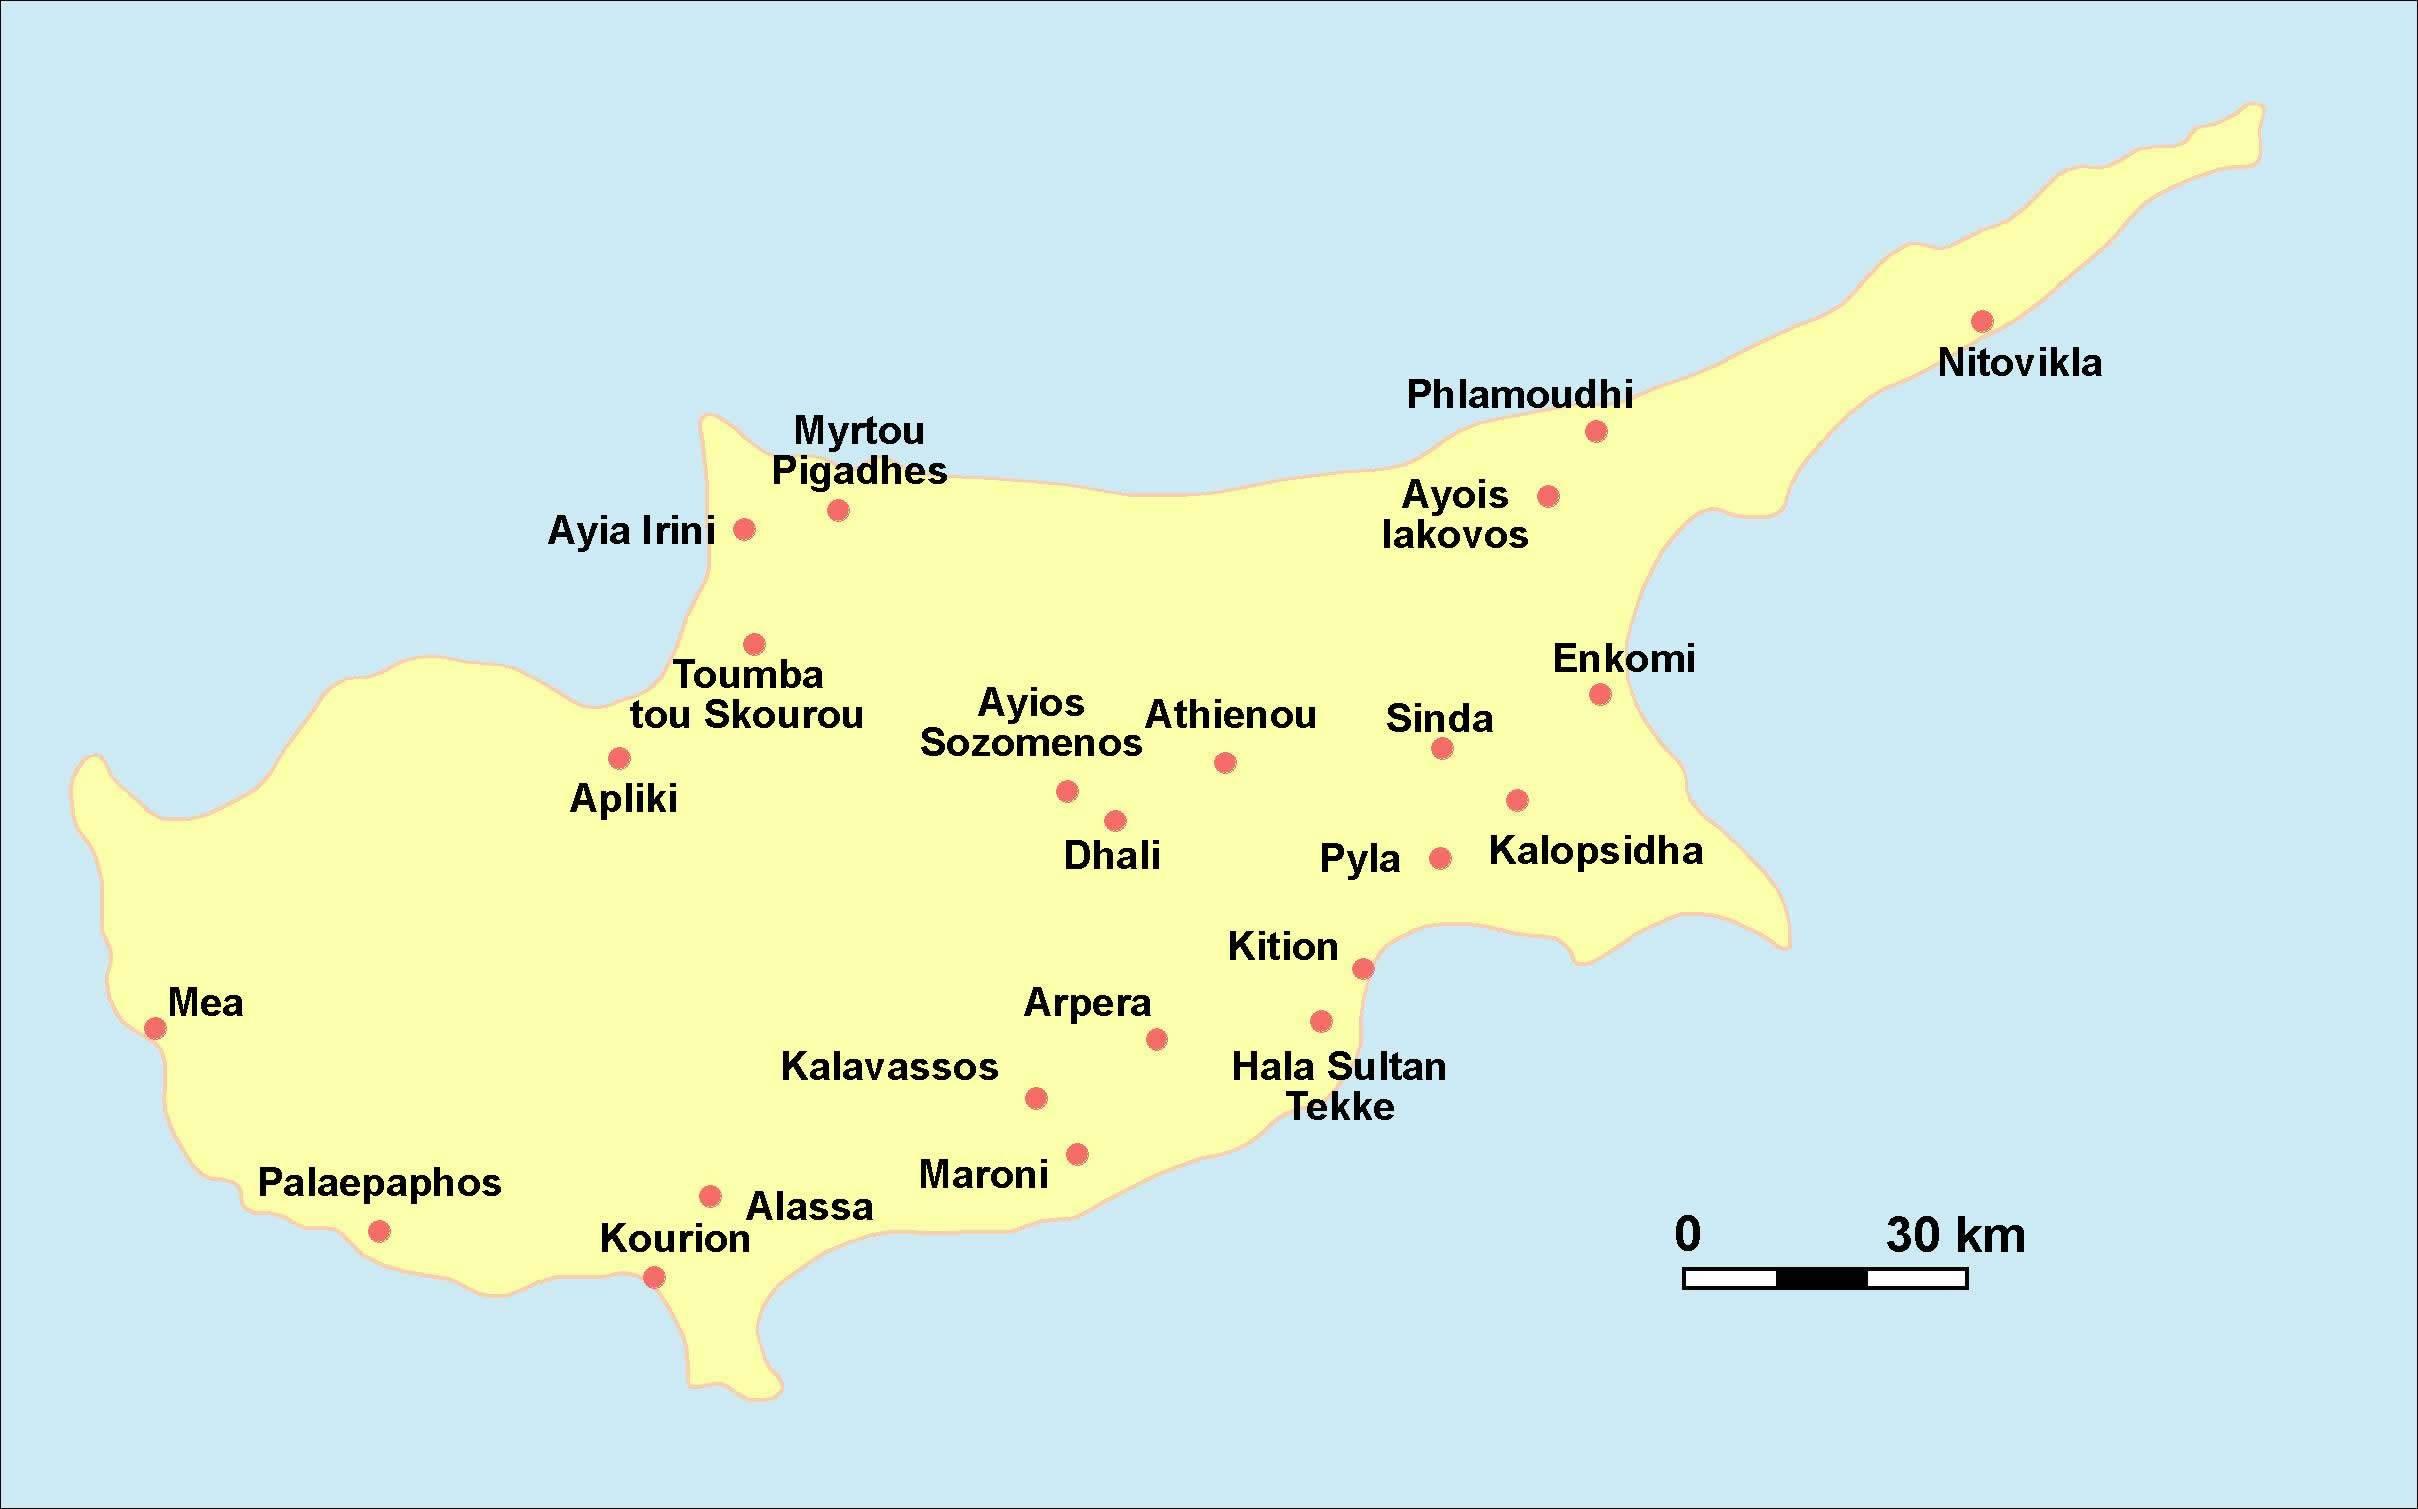 Carte Grande Villes Chypre, Carte Grande Villes De Chypre concernant Carte De La France Avec Les Grandes Villes